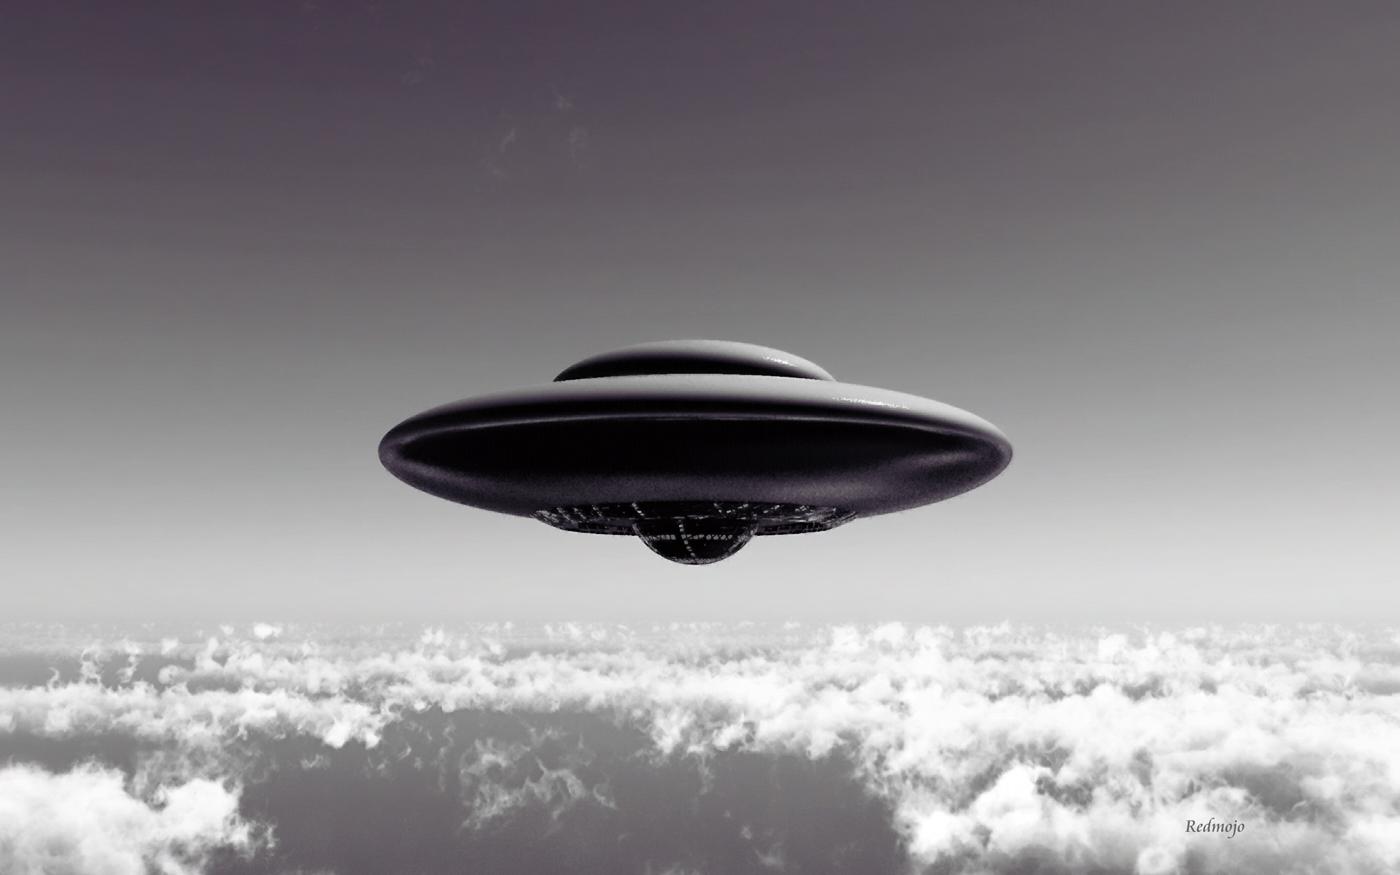 alien flying saucer - photo #12